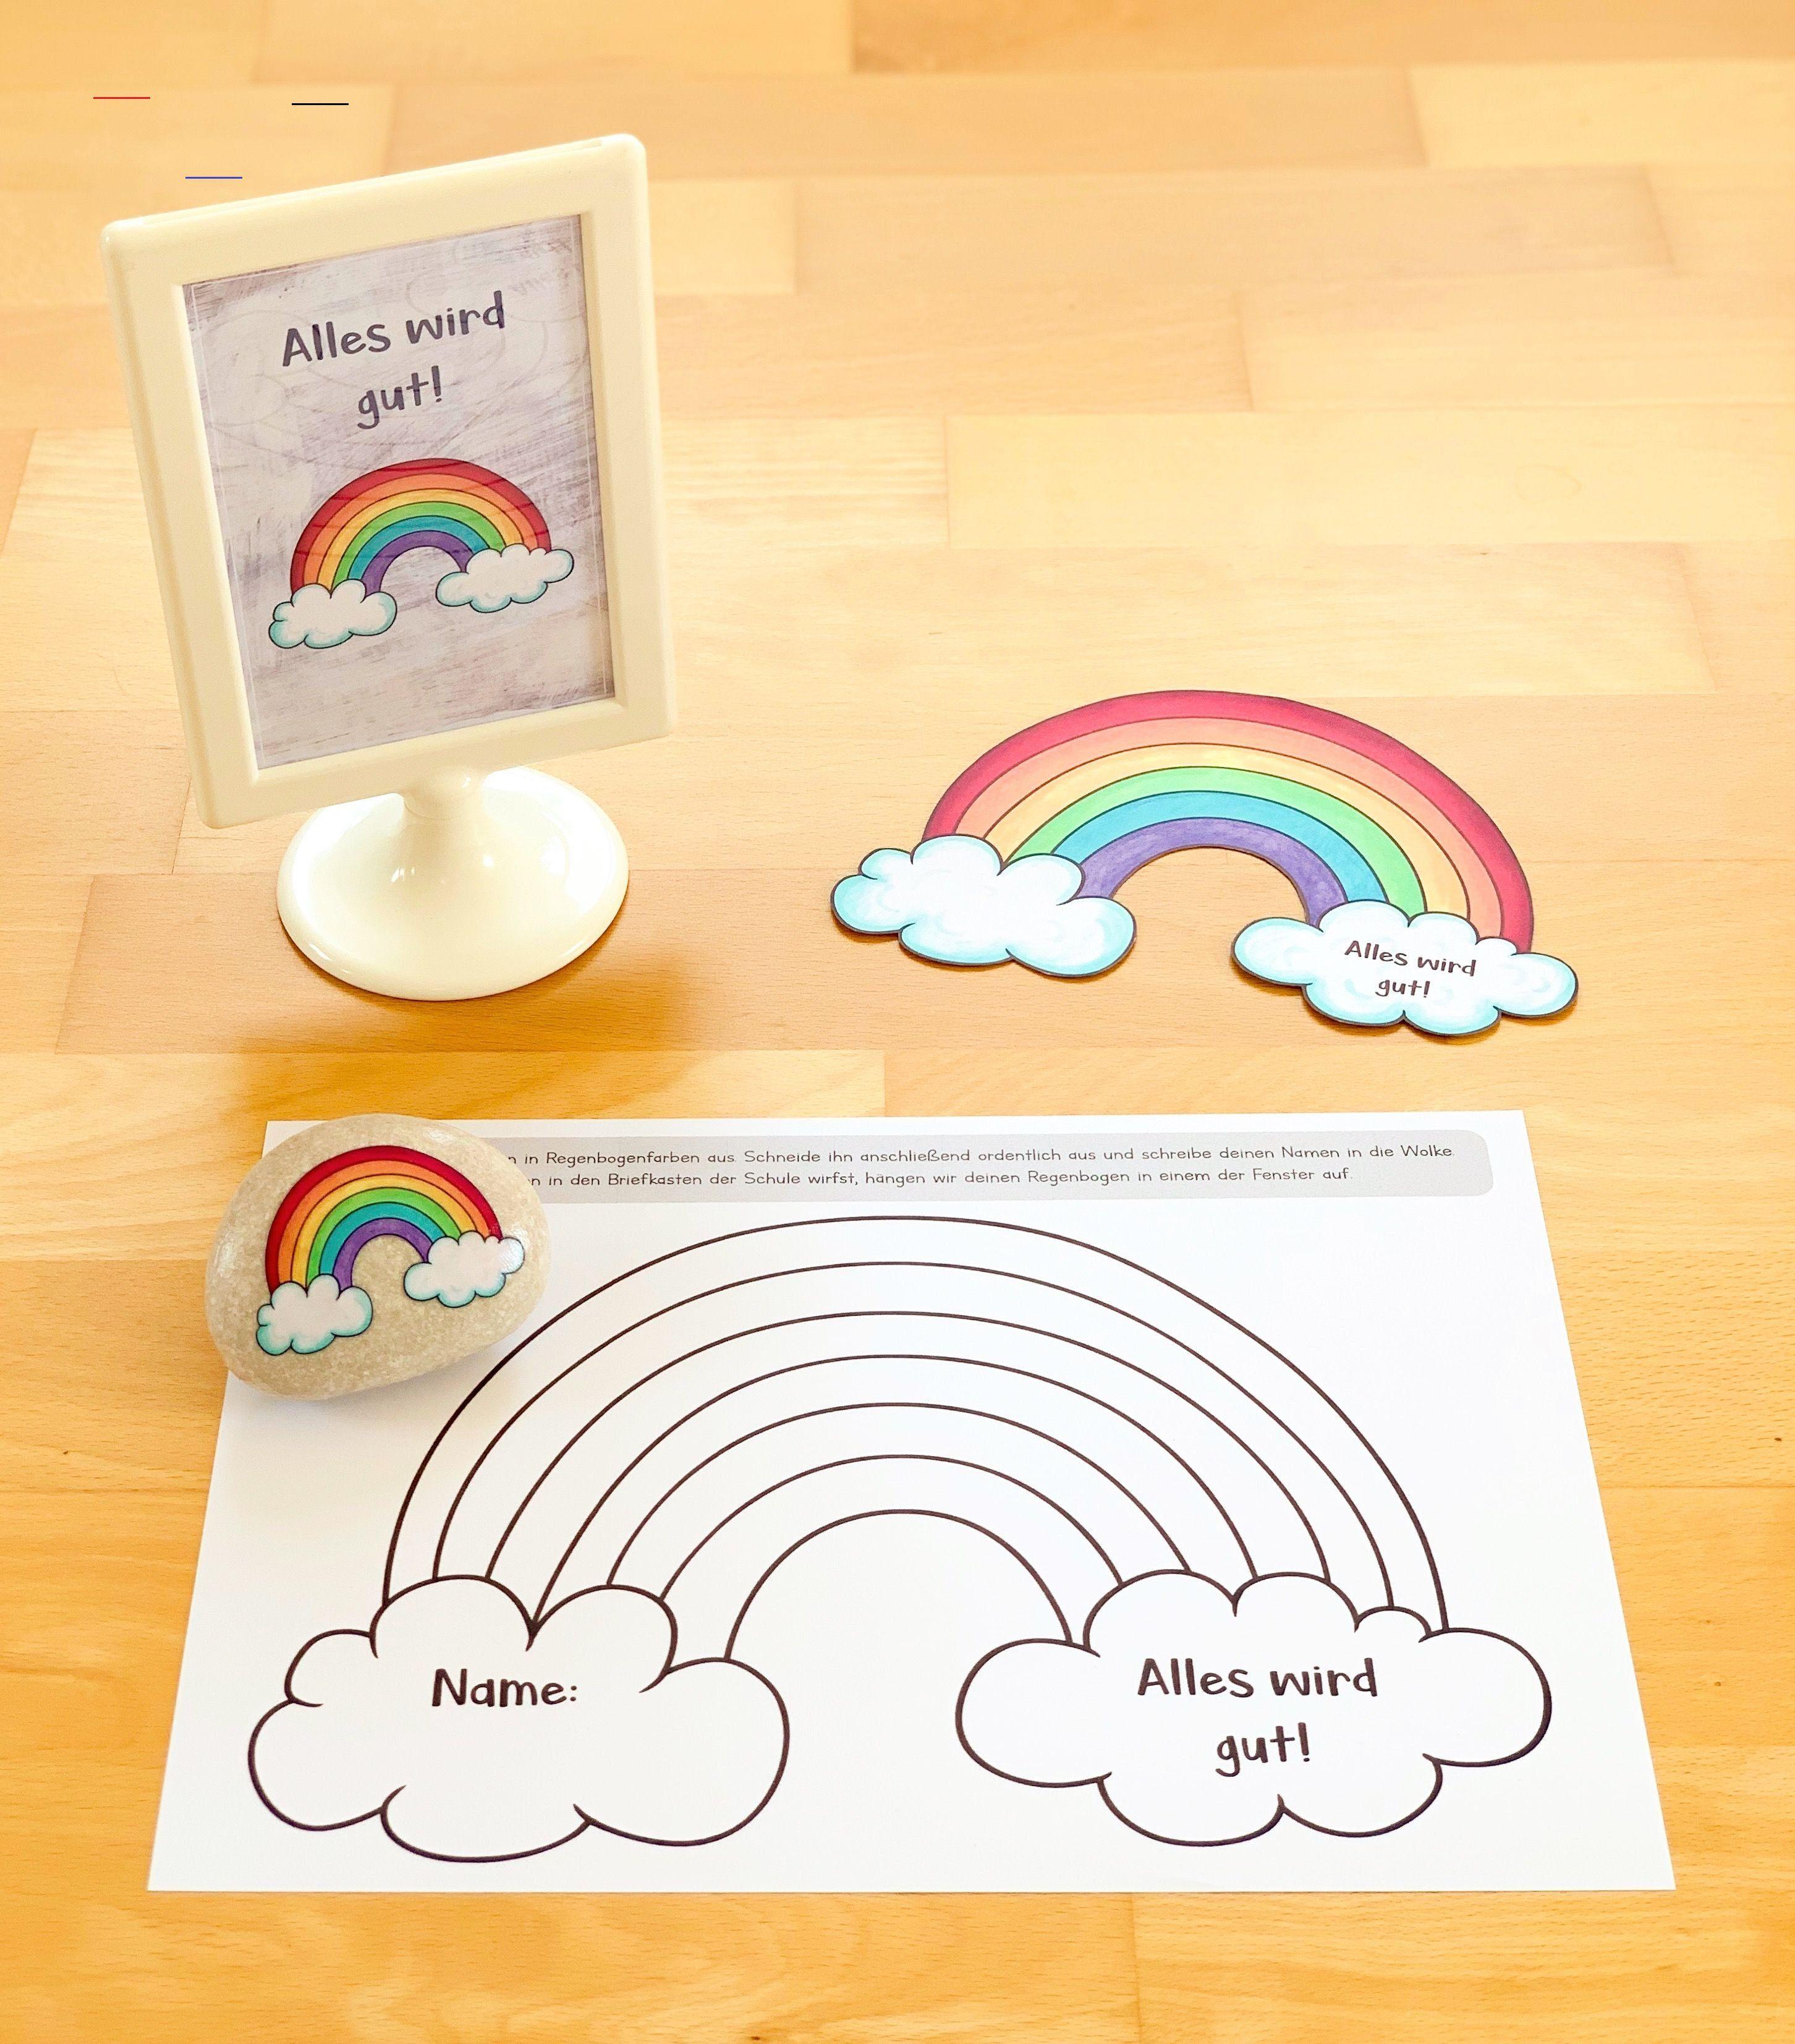 regenbogen ohne wolken ausmalbild  dorothy meyer grundschule